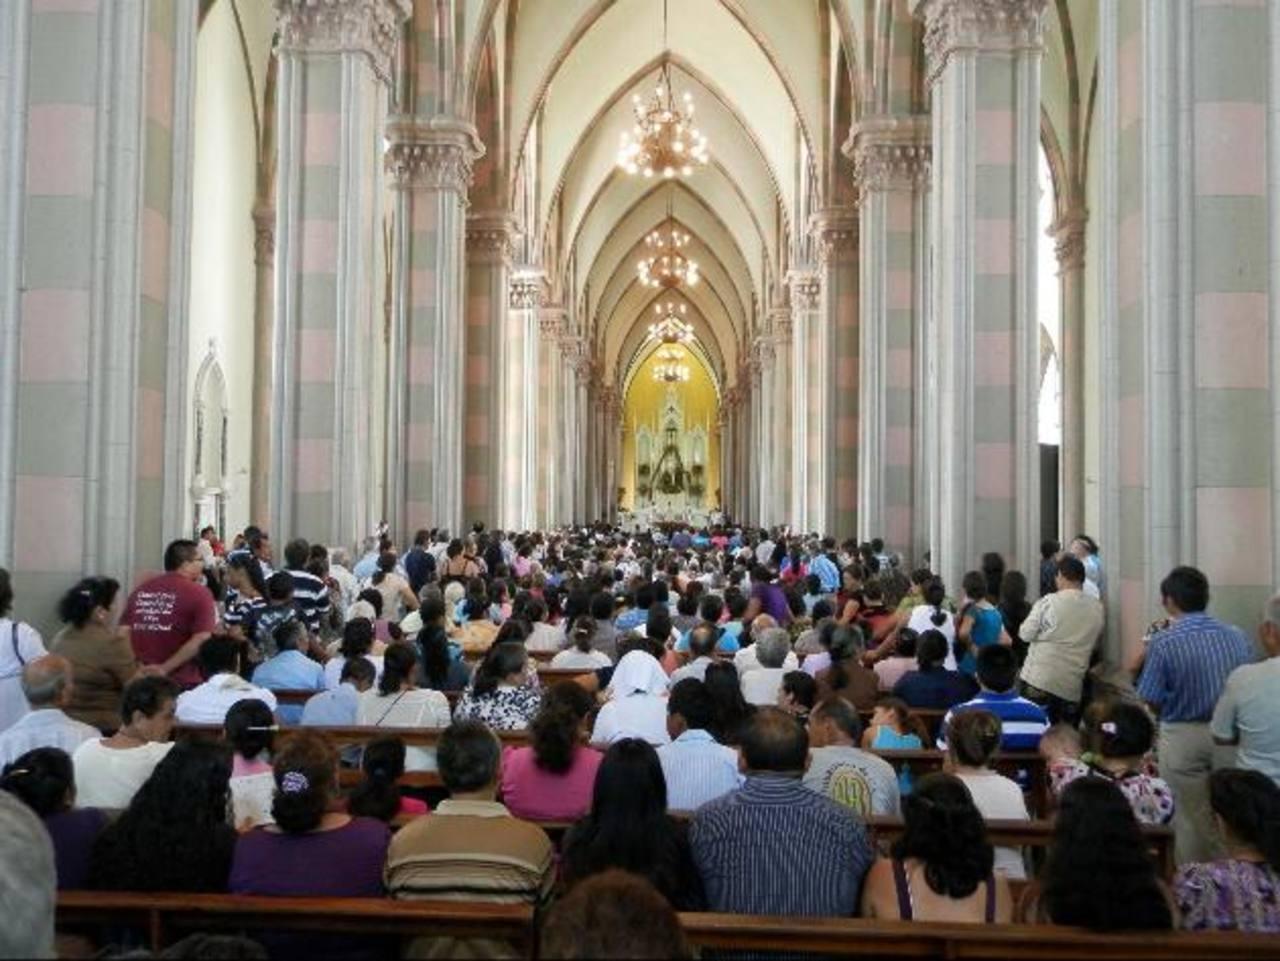 La catedral resultó abarrotada ayer por centenares de católicos que asistieron con fervor a la misa concelebrada, en honor a la Patrona de los santanecos. foto edh / MILTON JACO